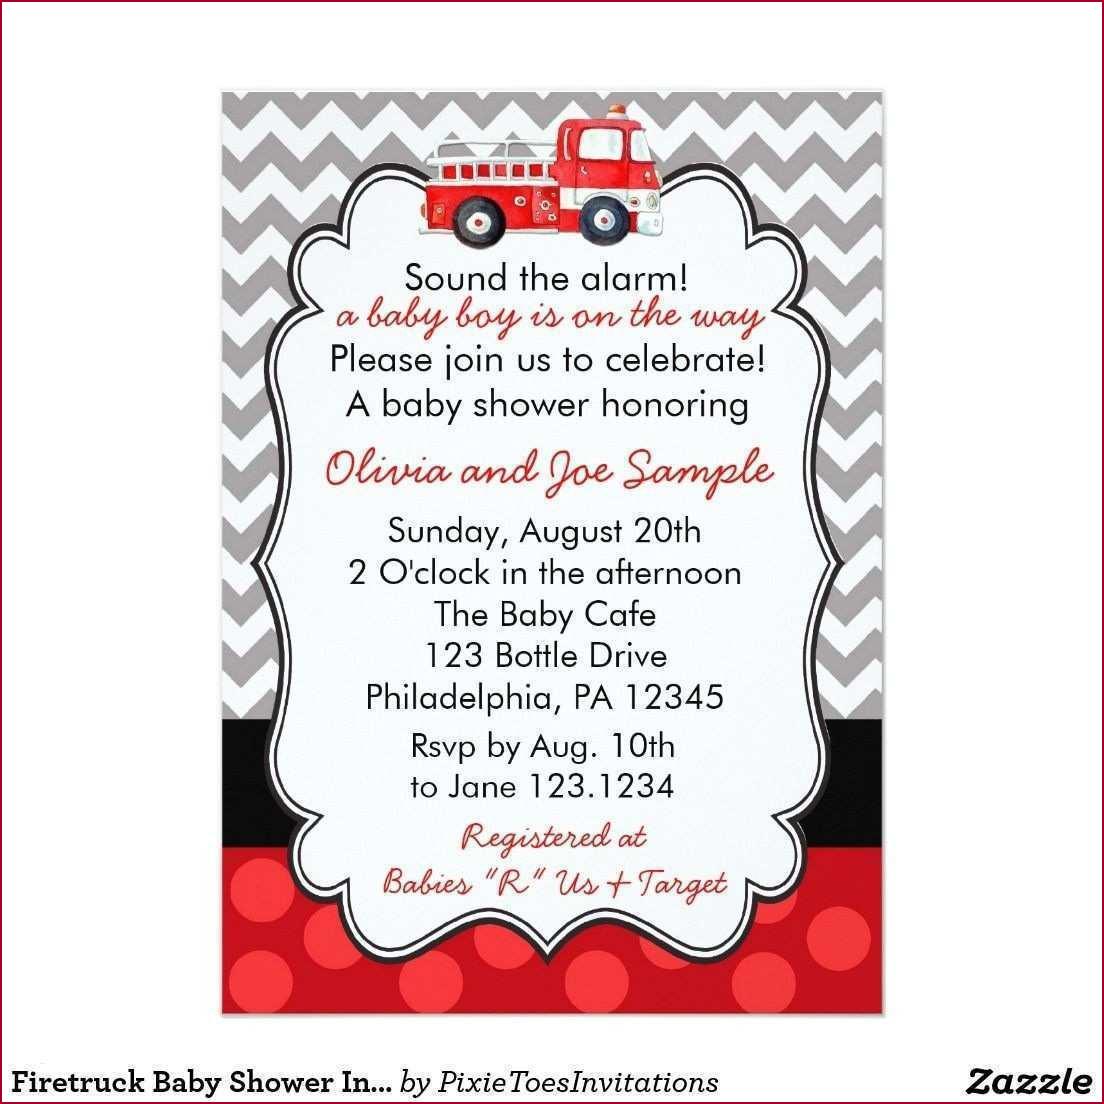 Camping Wedding Invitations Camping Wedding Invitations Elegant We Still Do Invitations New